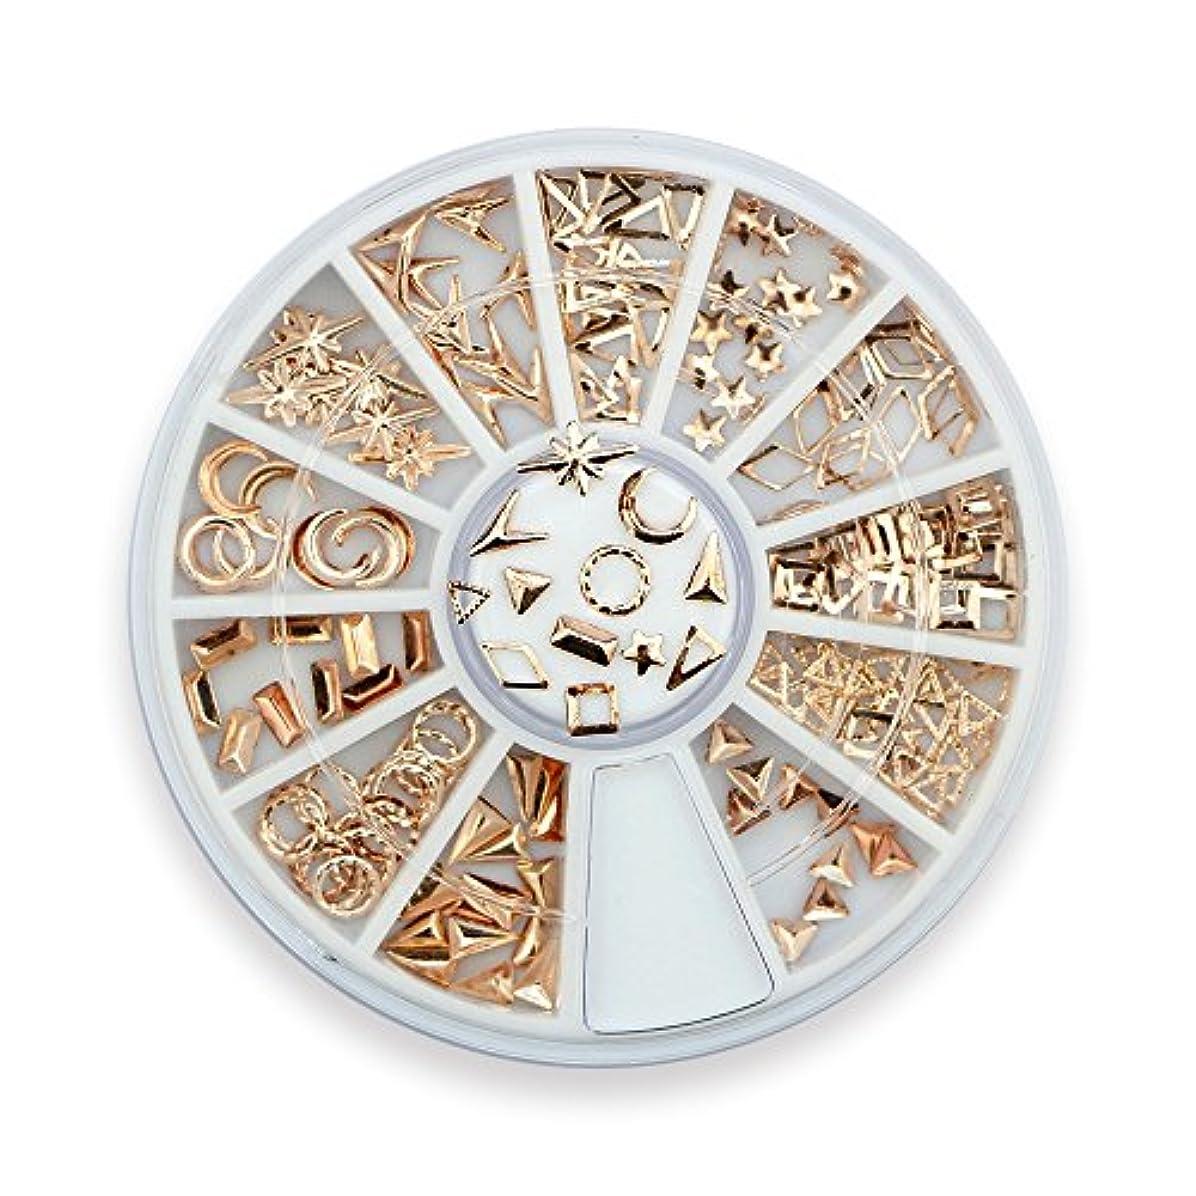 費やす申し立てる知覚的Takarafune ネイルアート ネイル パーツ ローズゴールド メタルスタッズ セットビジュー ジェルネイル 3Dネイルデコレーション 12種類